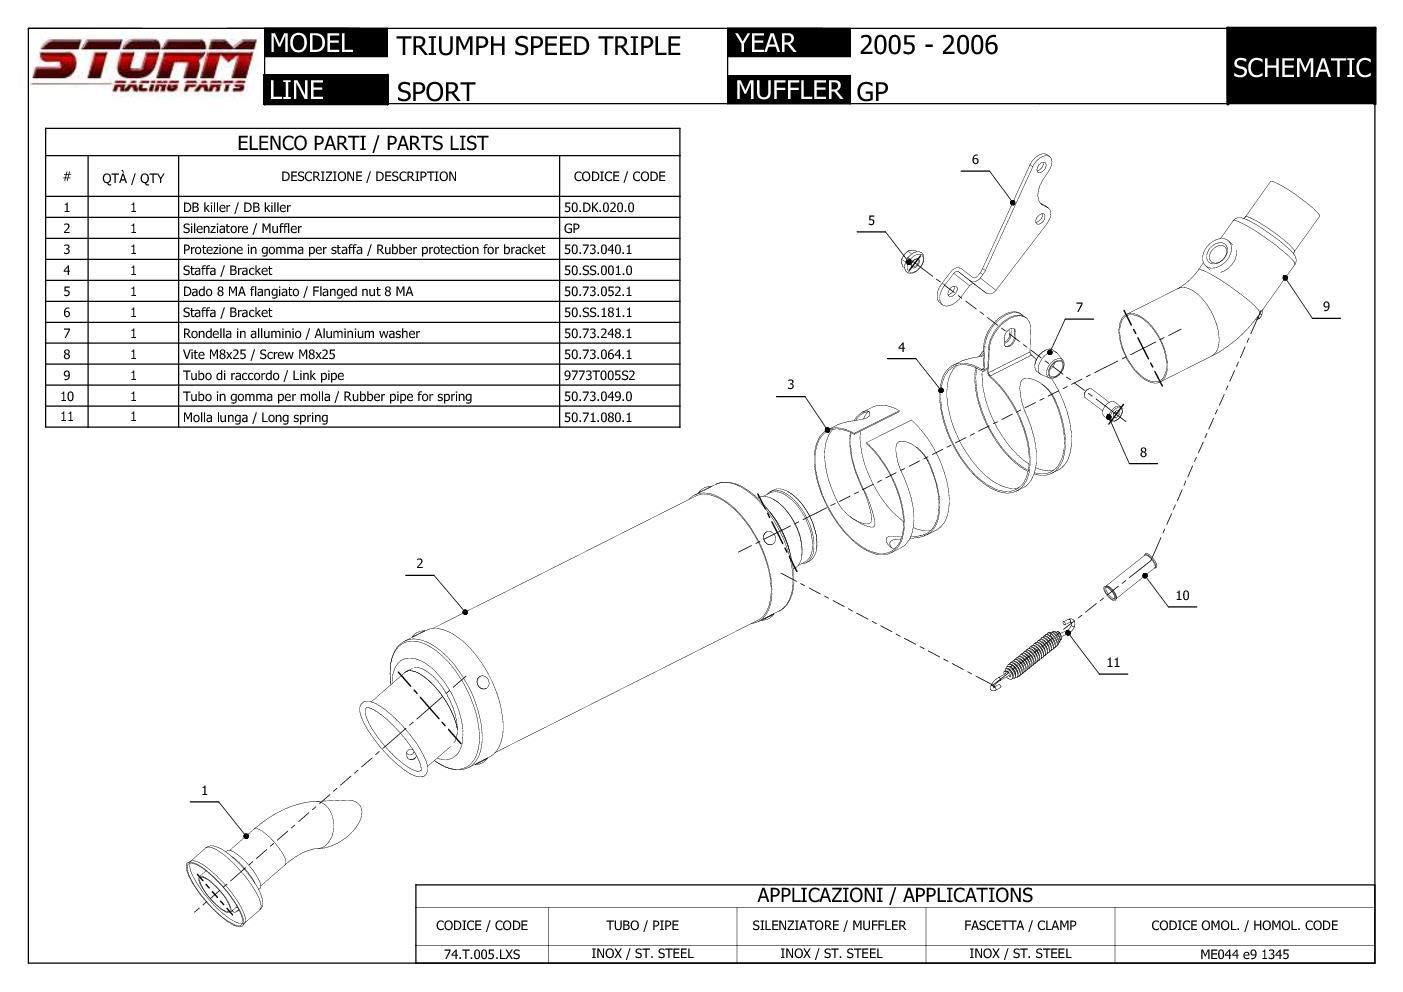 74.T.005.LXSB Auspuff Storm by Mivv Schalldampfer Gp Nero Speed Triple 2005 05